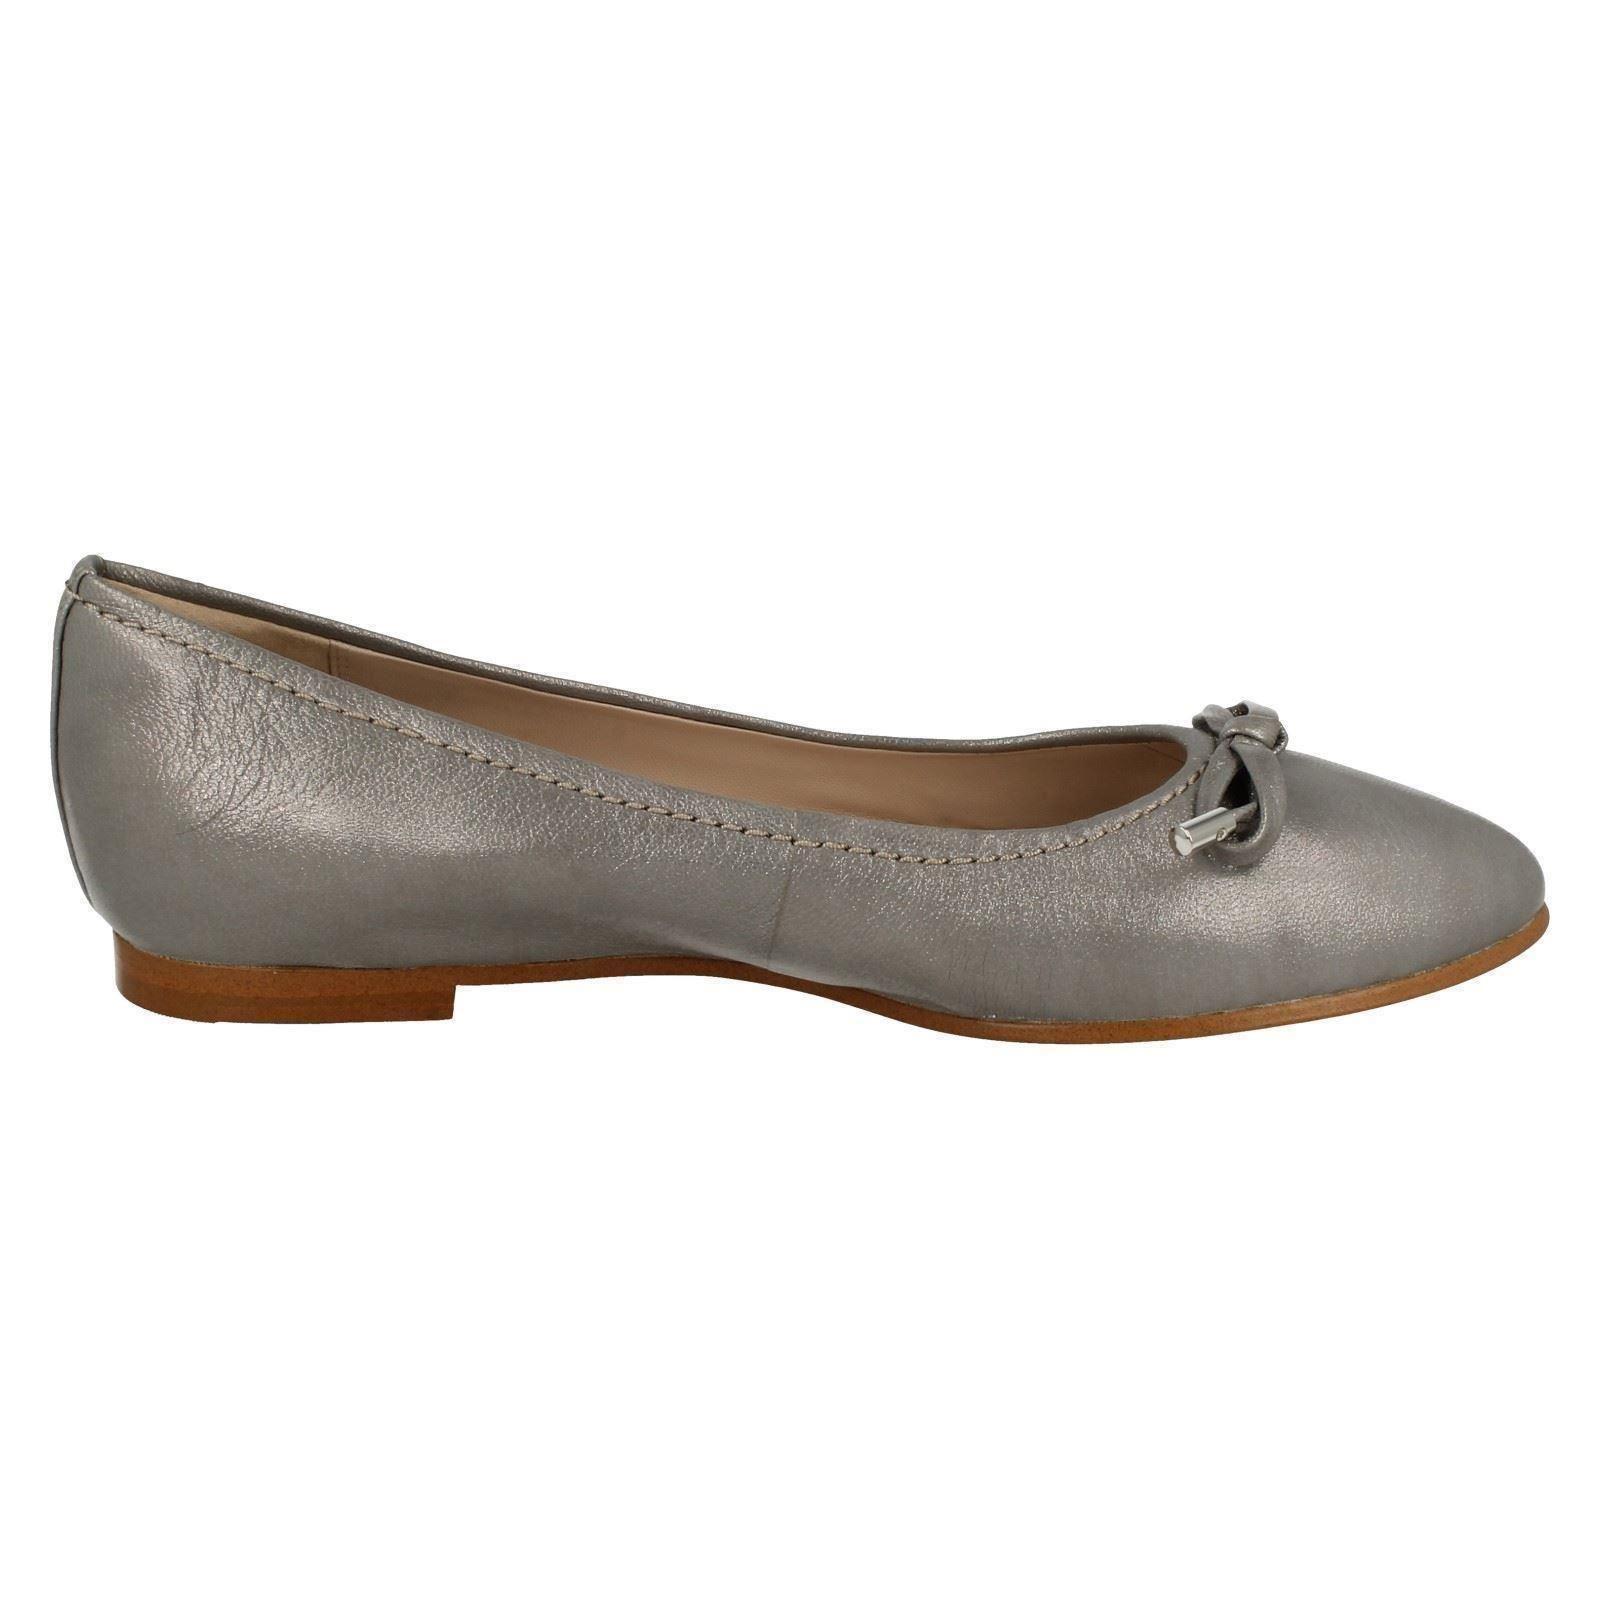 Damas Clarks Zapatos Planos Dolly gracia Lily